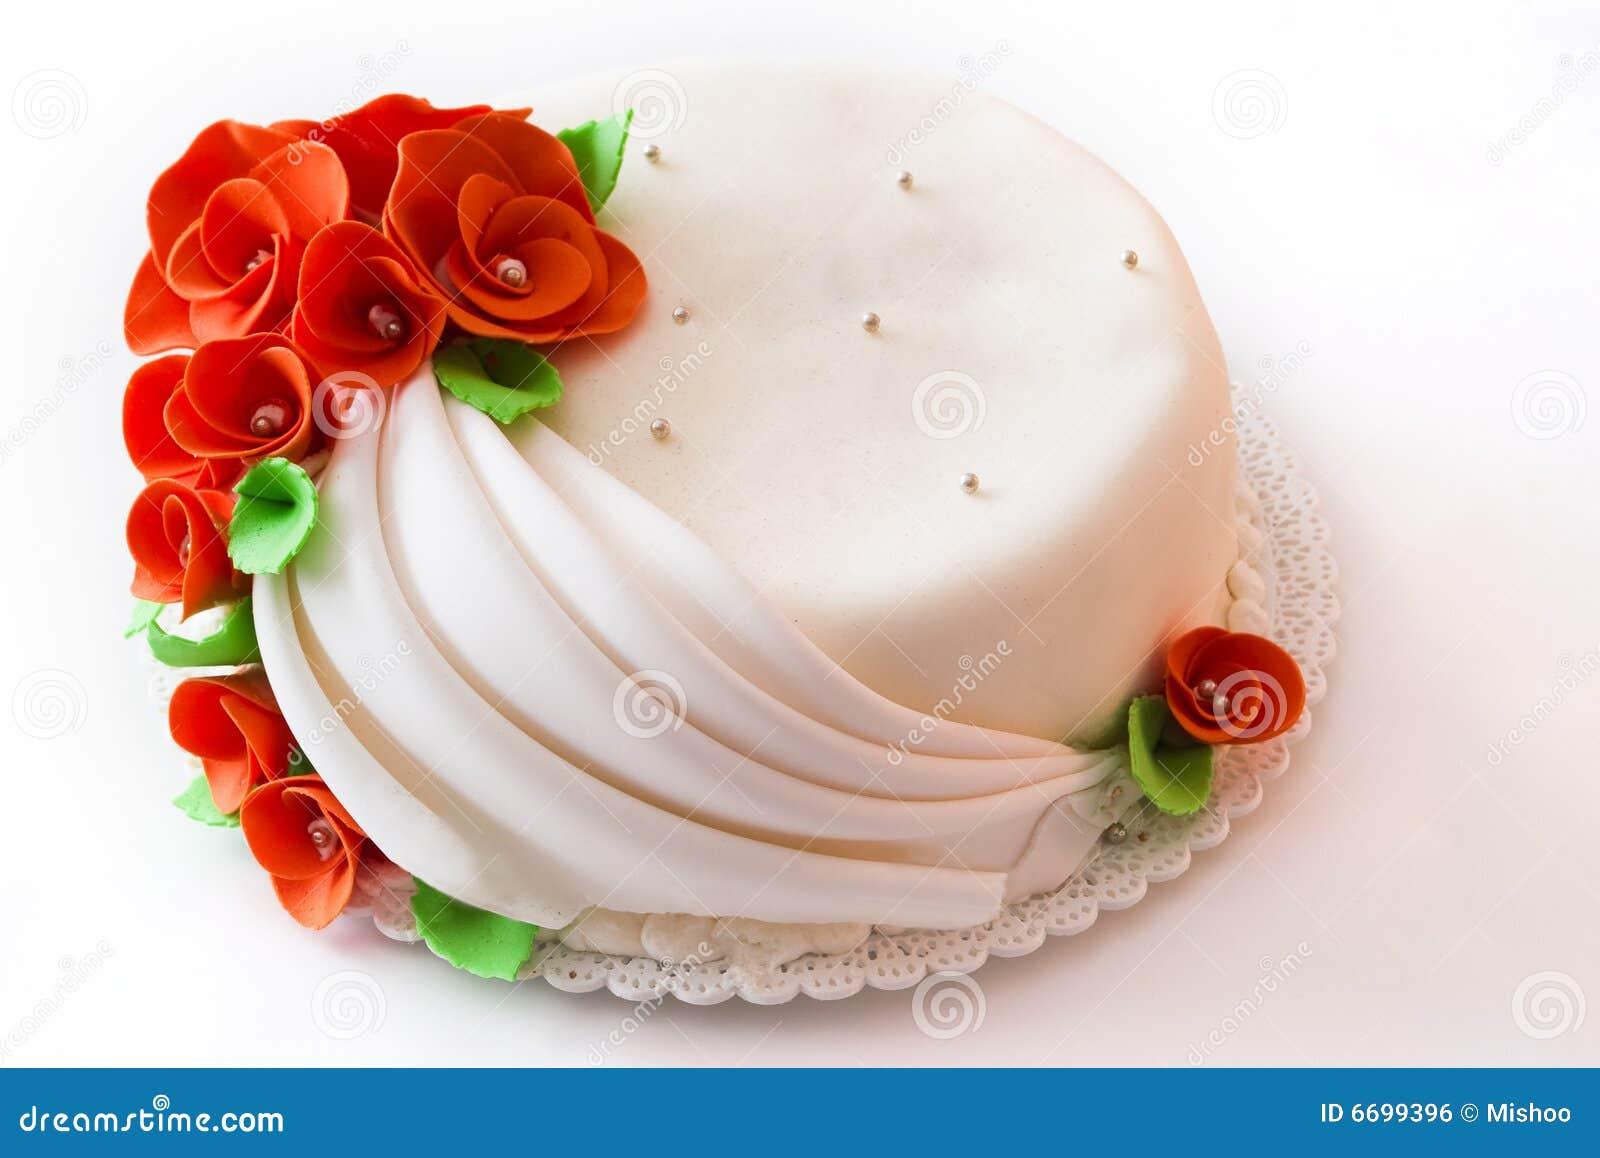 Как сделать круглый торт если нет круглой формы